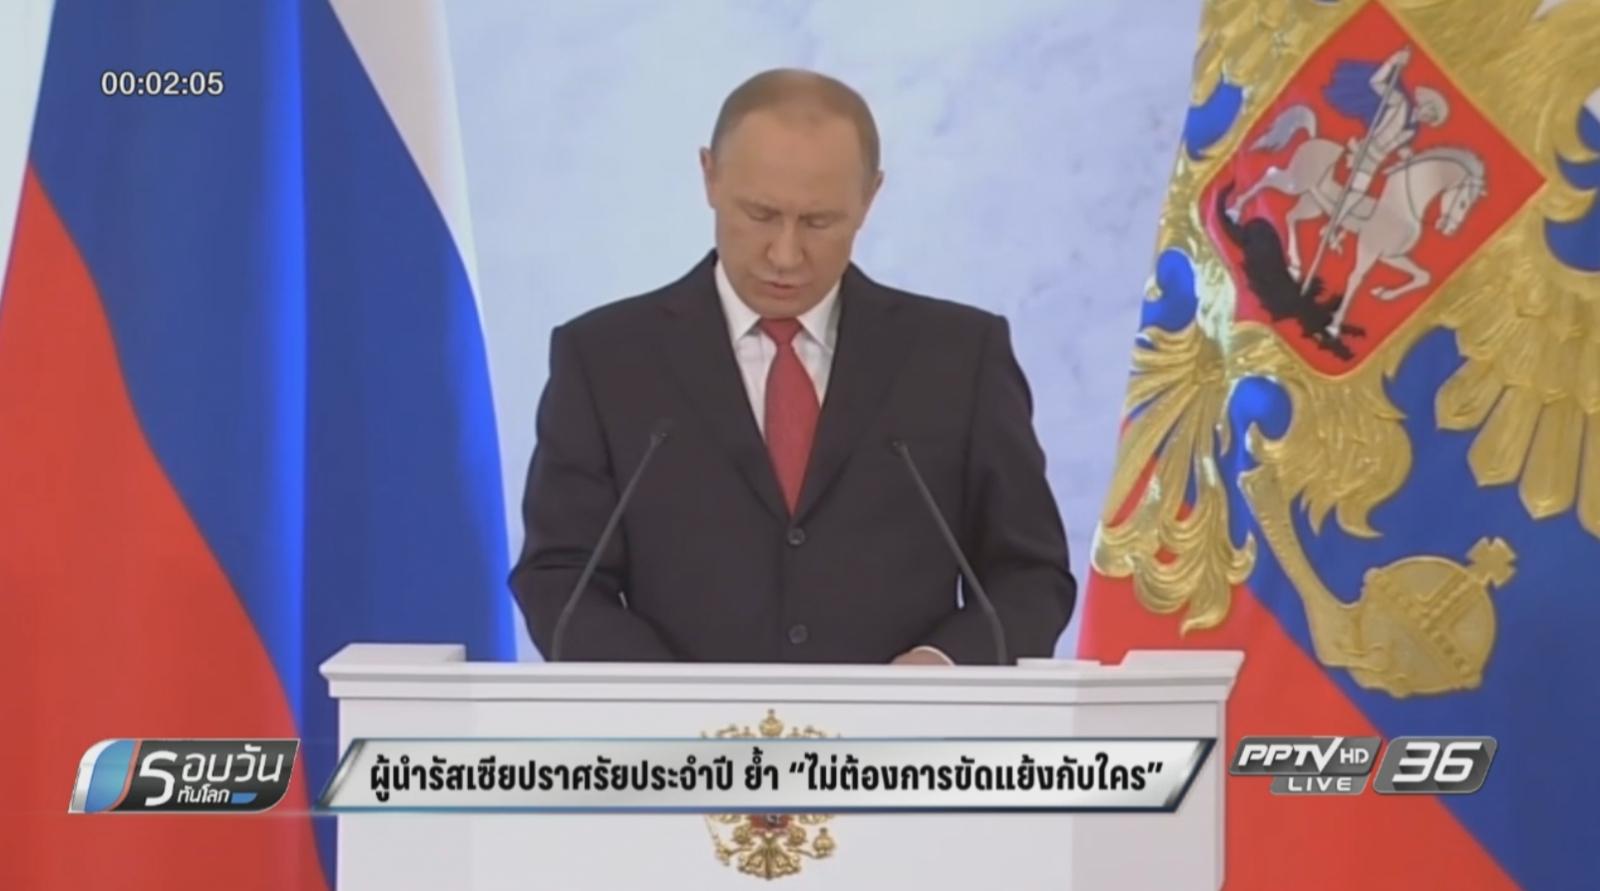 """ผู้นำรัสเซียปราศรัยประจำปี ย้ำ """"ไม่ต้องการขัดแย้งกับใคร"""""""